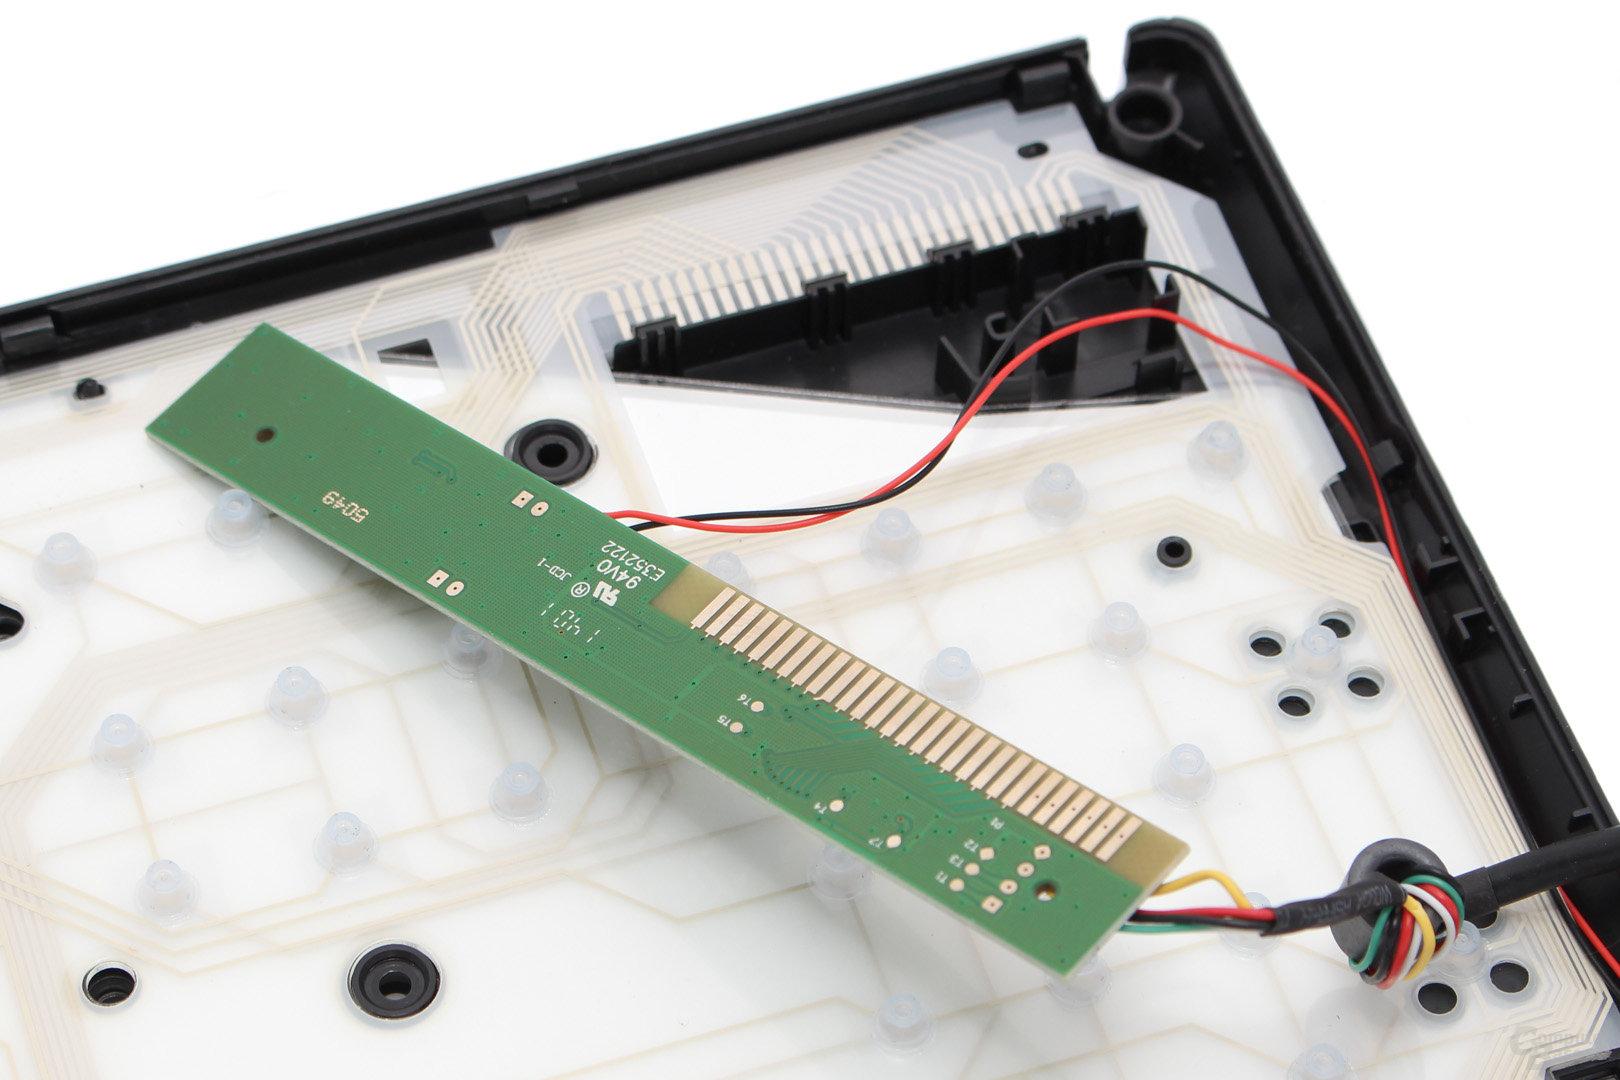 Rückseite des sauber eingepassten PCBs